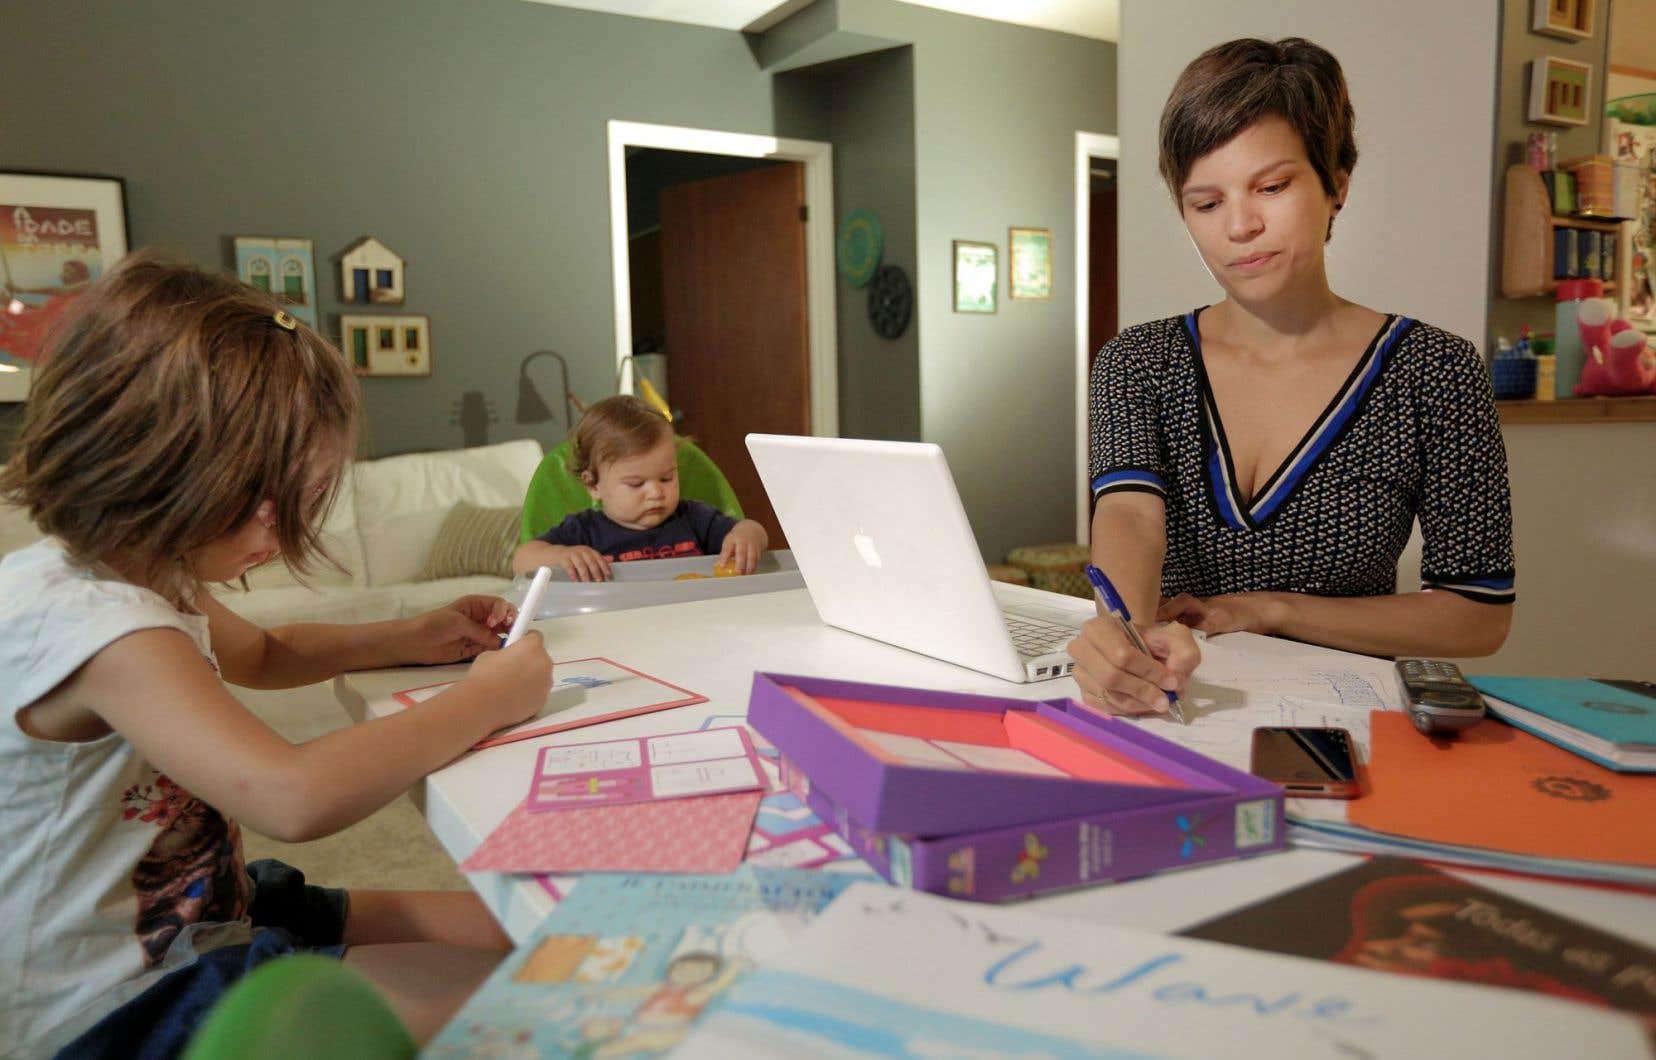 Gabriela de Andrade est l'instigatrice du projet montréalais appelé «Boom» et la mère de deux bambins âgés de quatre ans et un an.